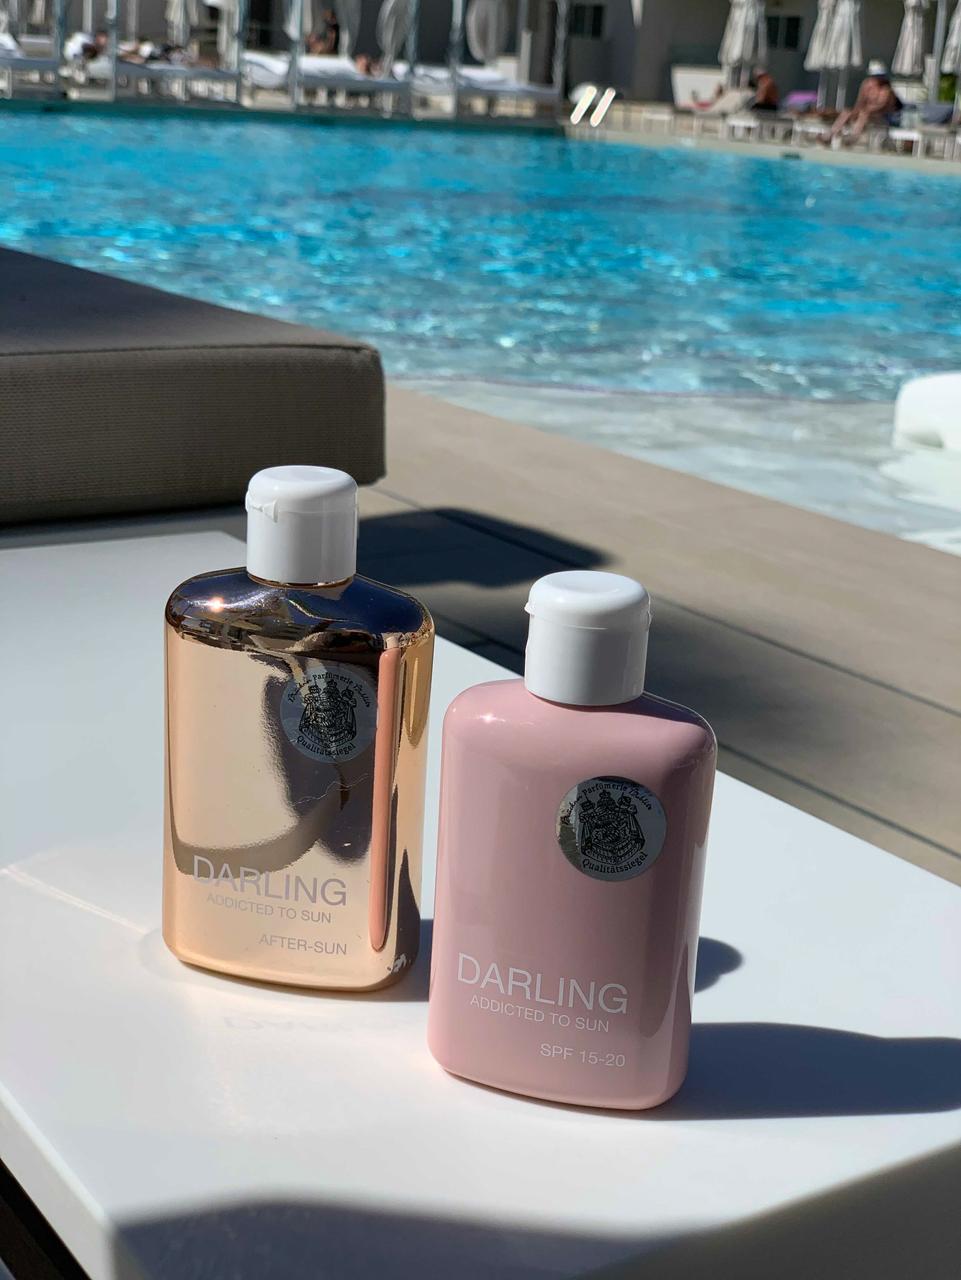 Sonnenschutz von Darling/Parfümerie Brückner